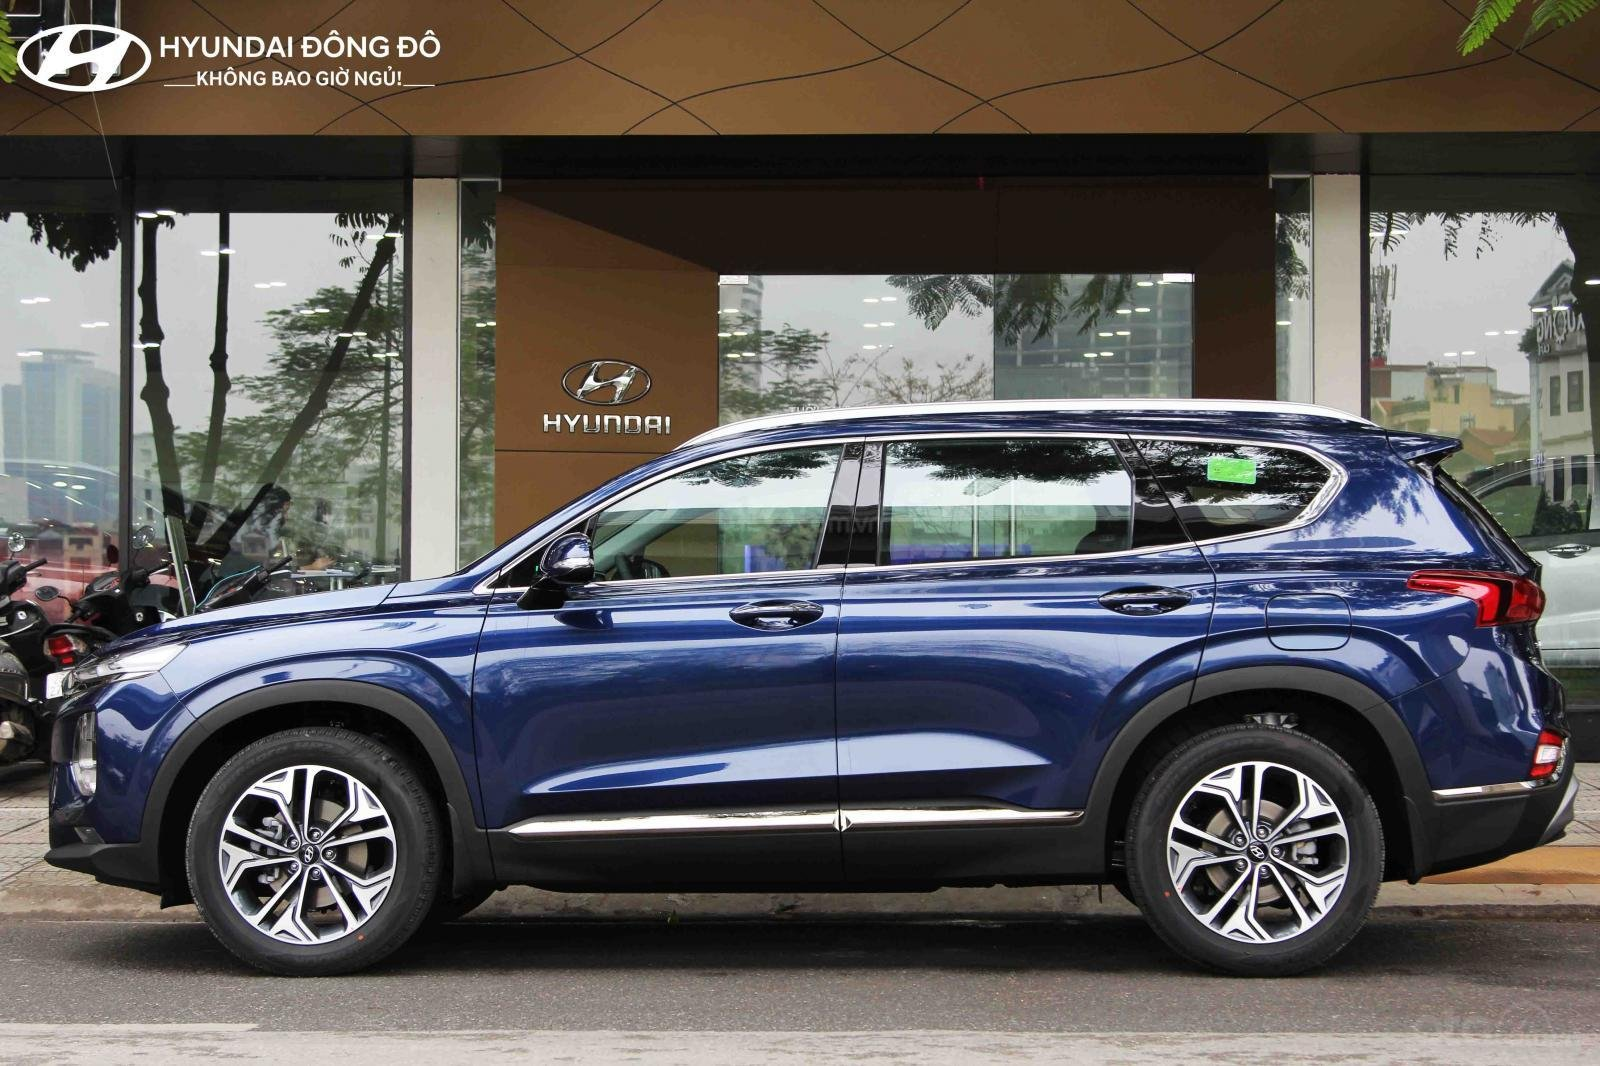 Bán Hyundai Santa Fe xăng đặc biệt 2019, trả góp lãi suất ưu đãi, LH 0976543958 (2)